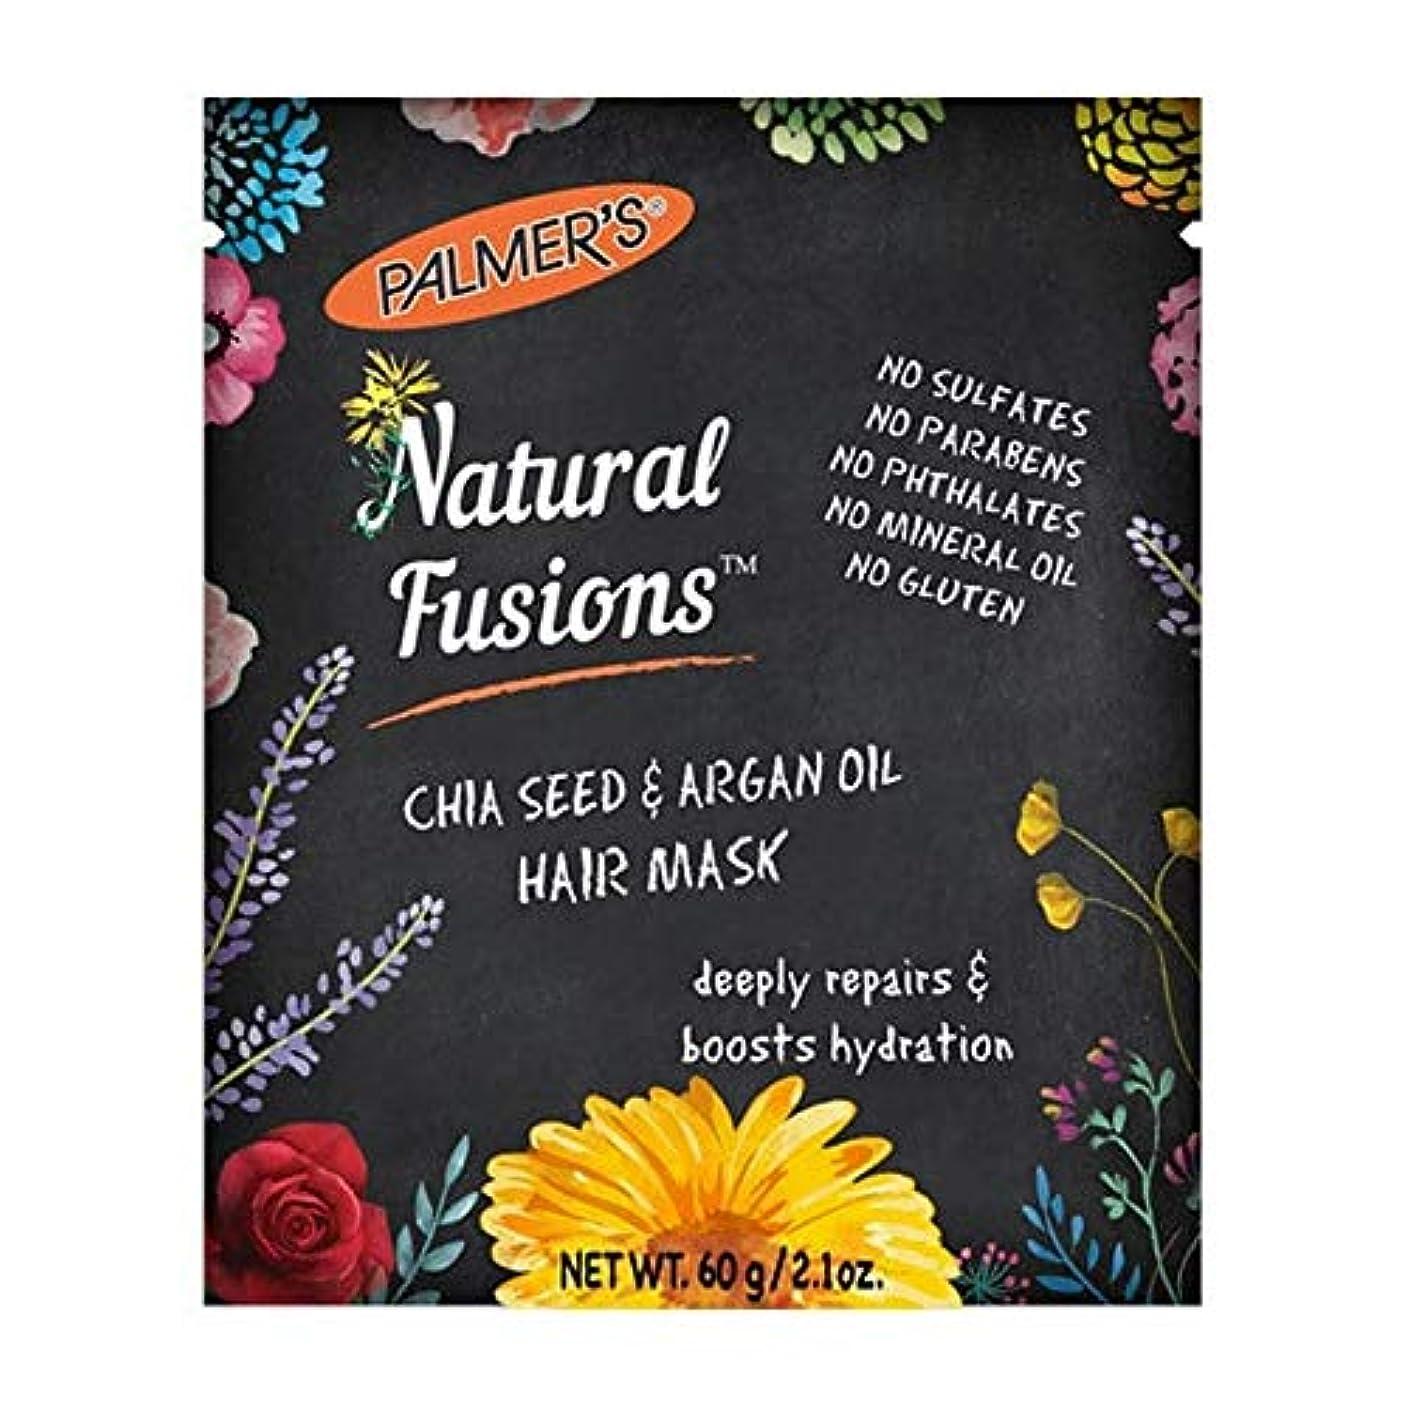 つらい抱擁情緒的[Palmer's ] パーマーの自然な融合チアシード&アルガンオイルヘアマスク60グラム - Palmer's Natural Fusions Chia Seed & Argan Oil Hair Mask 60g [...